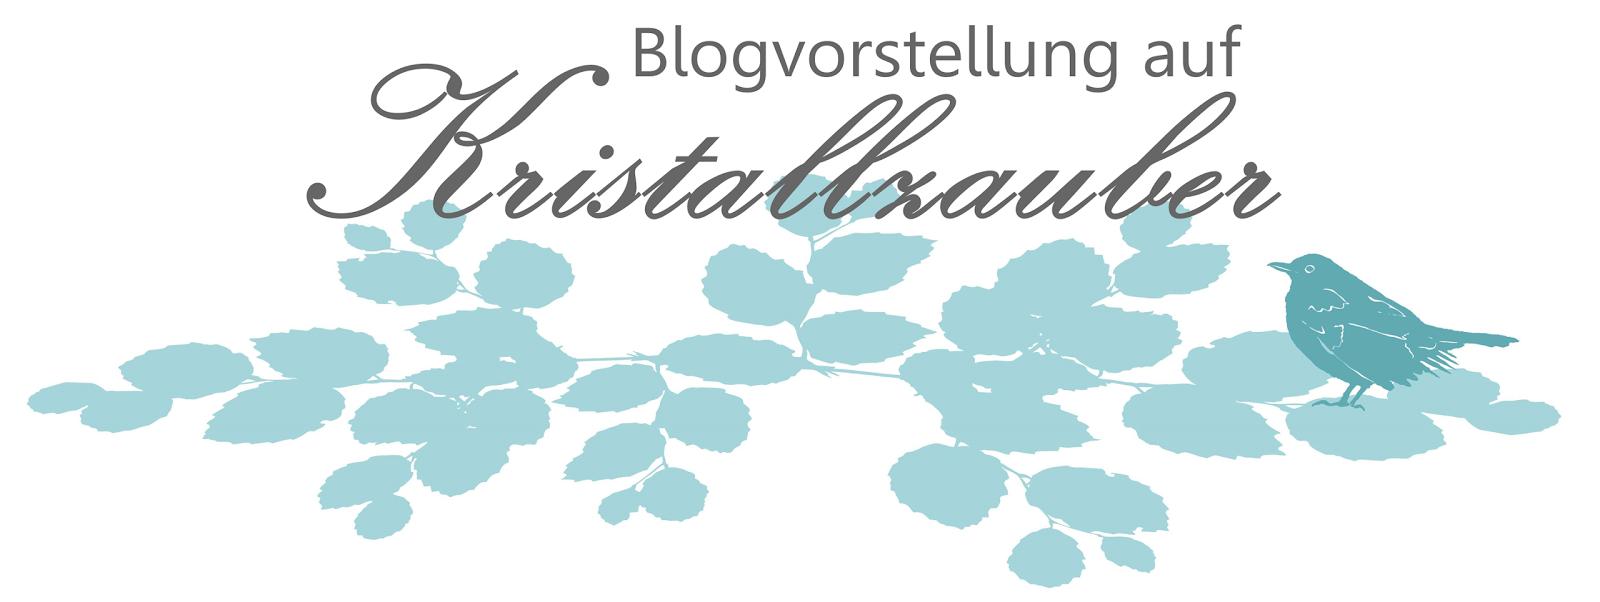 http://kristallzauber.blogspot.de/p/blogvorstellung.html